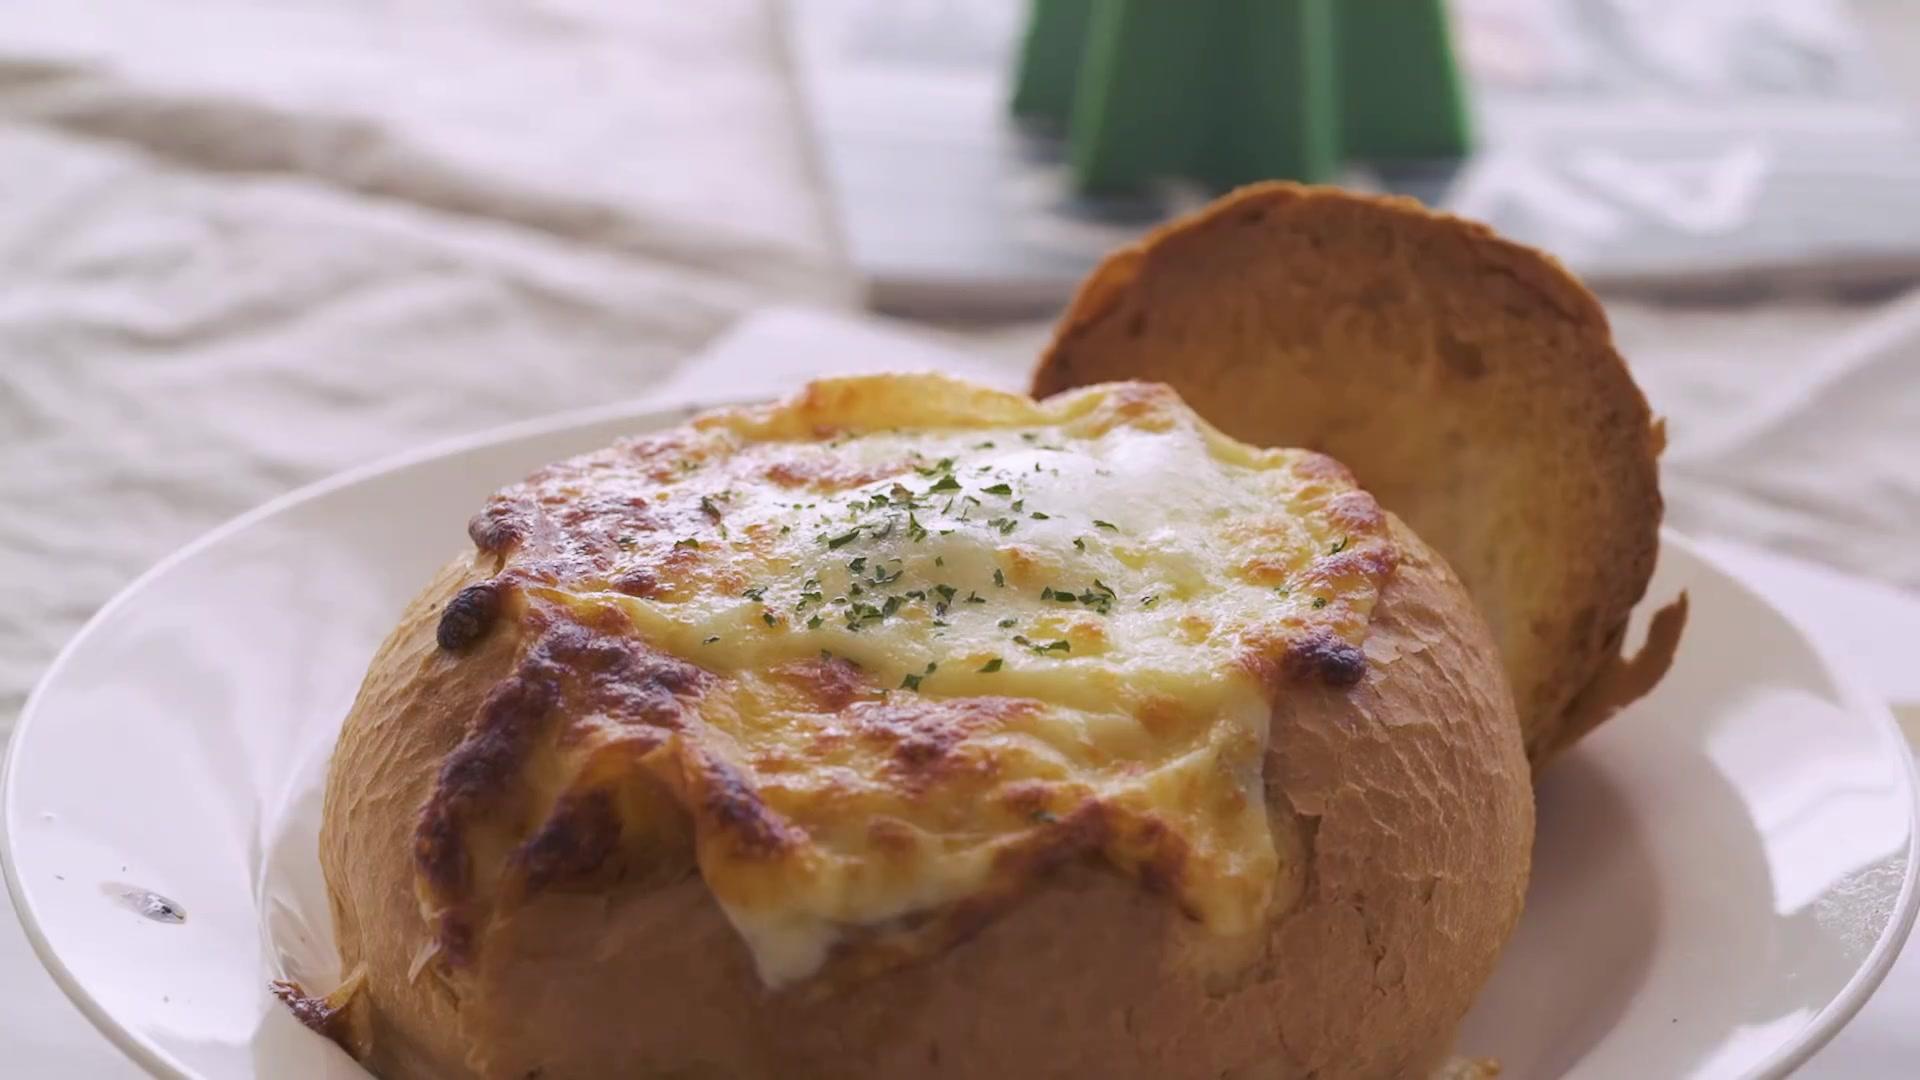 Honeykki Episode 163: Shrimp Cream Pasta in Bread Bowl